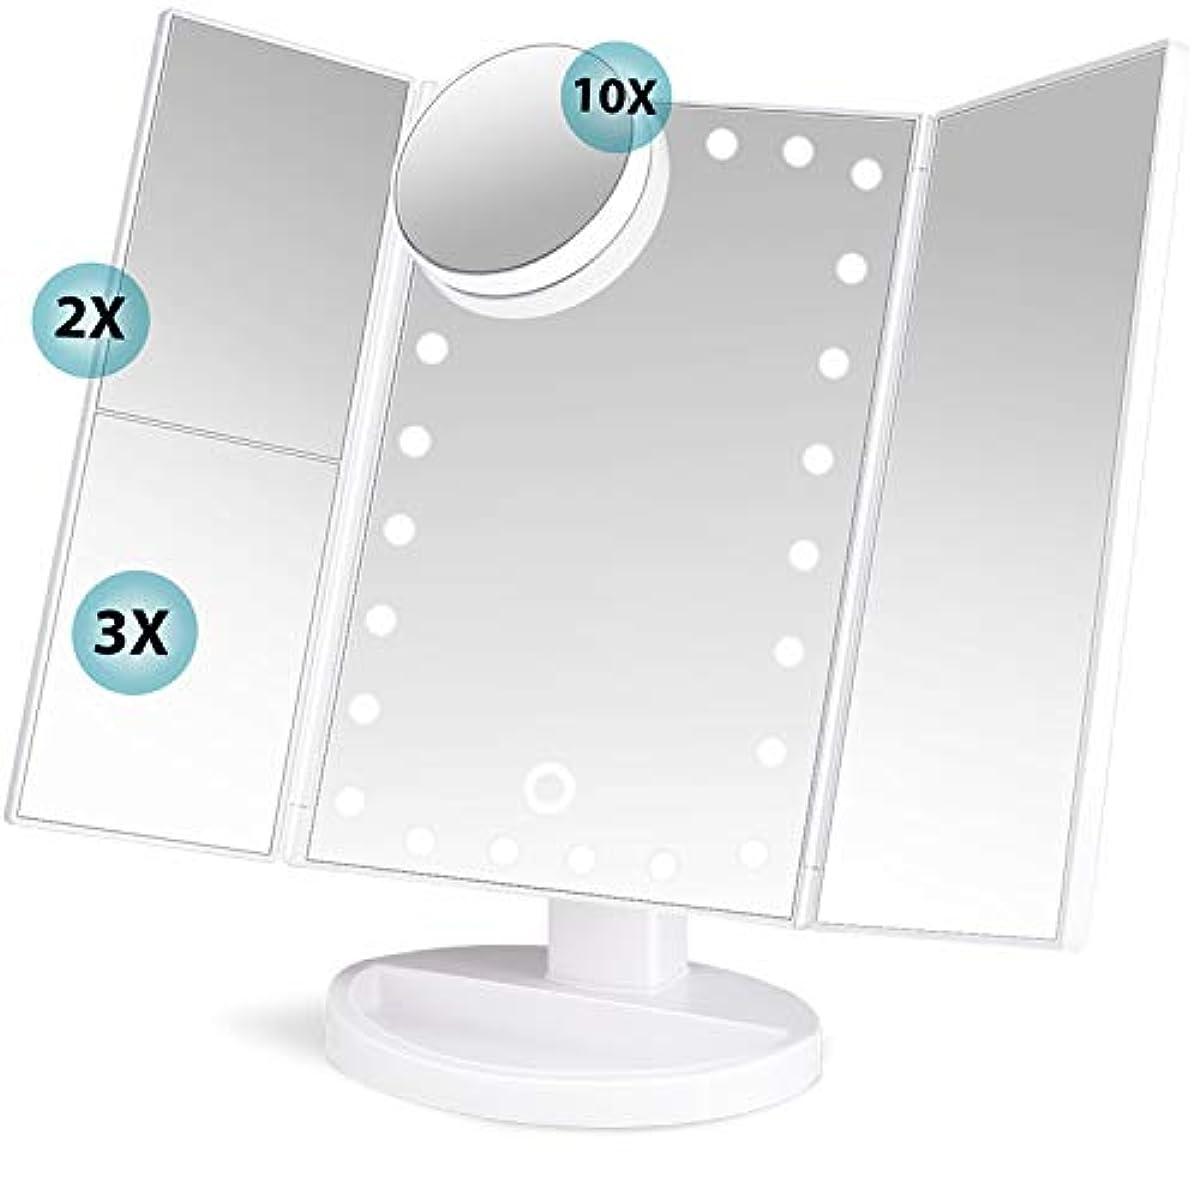 伸ばす伝説伝説soafiya 化粧鏡 化粧ミラー 鏡 三面鏡 女優ミラー 卓上 led付き 折りたたみ 拡大鏡 2&3倍 明るさ調節可能 180°